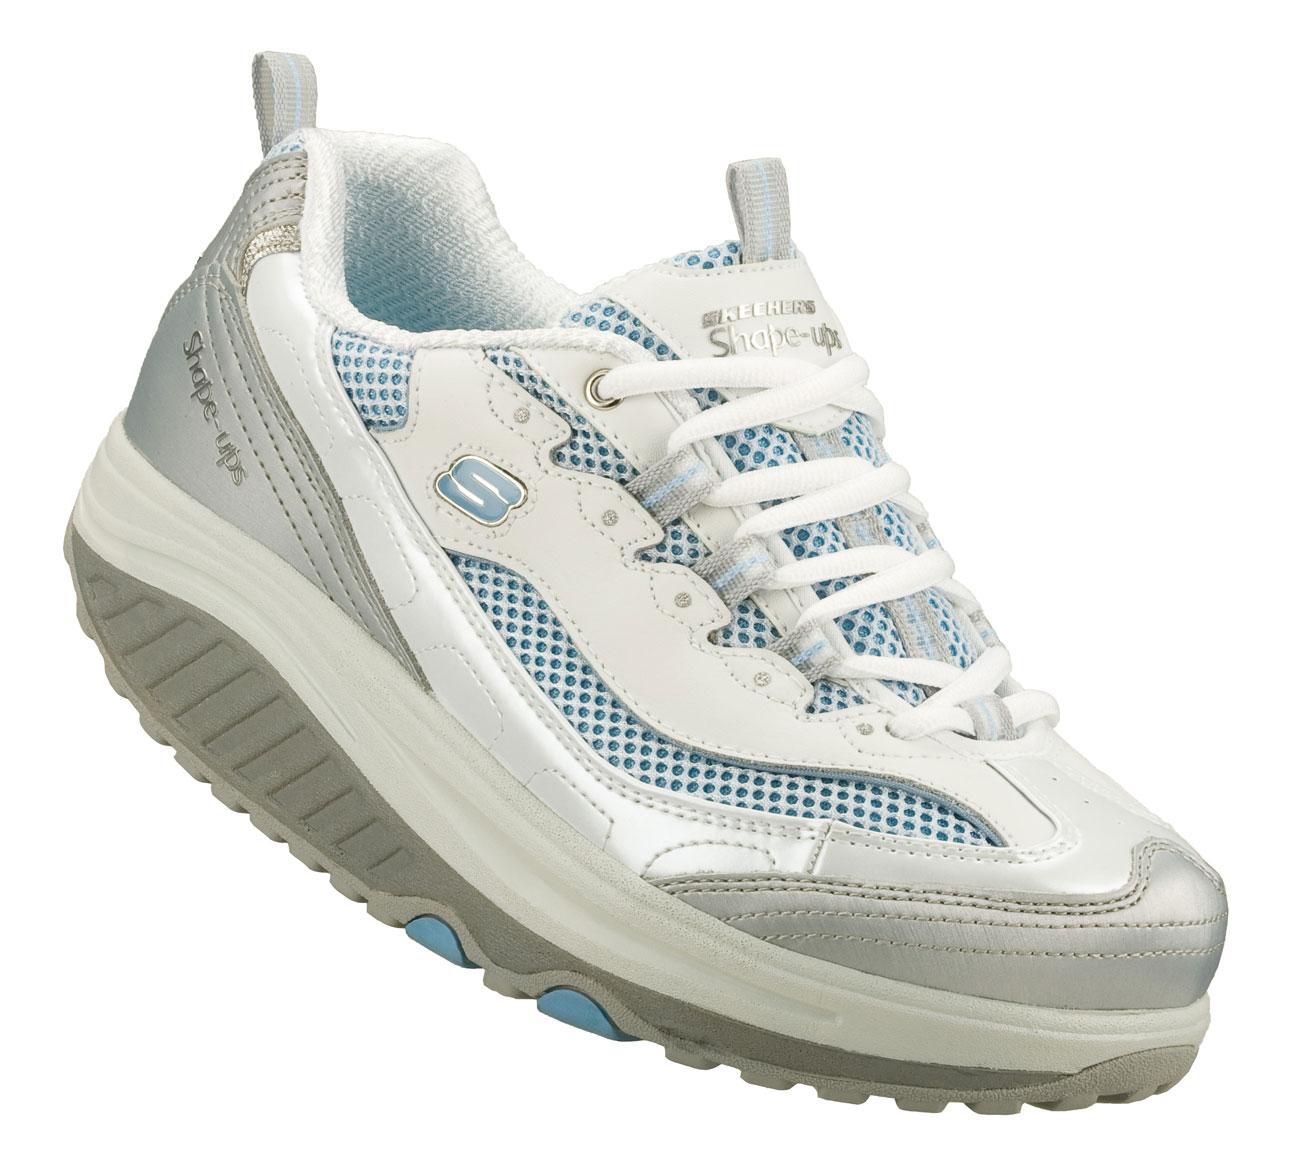 Παπούτσι εκγύμνασης Skechers Shape-ups Wht/royal - Υπόδημα ενδυνάμωσης και κάυσης Θερμίδων